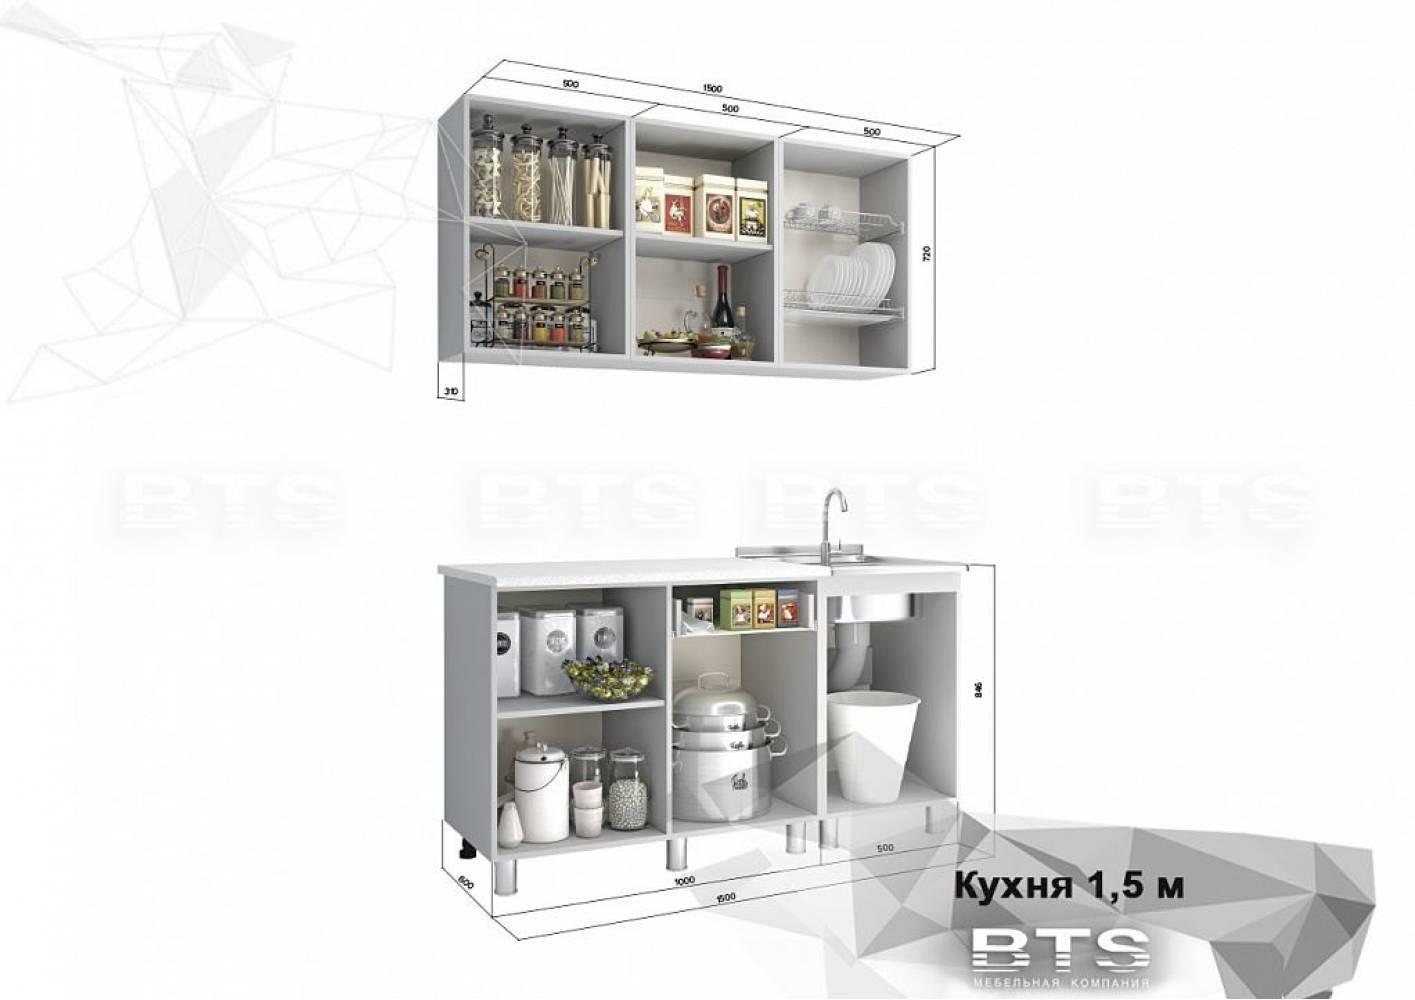 Кухня 1,5 м Титан (серый/МДФ Титан)